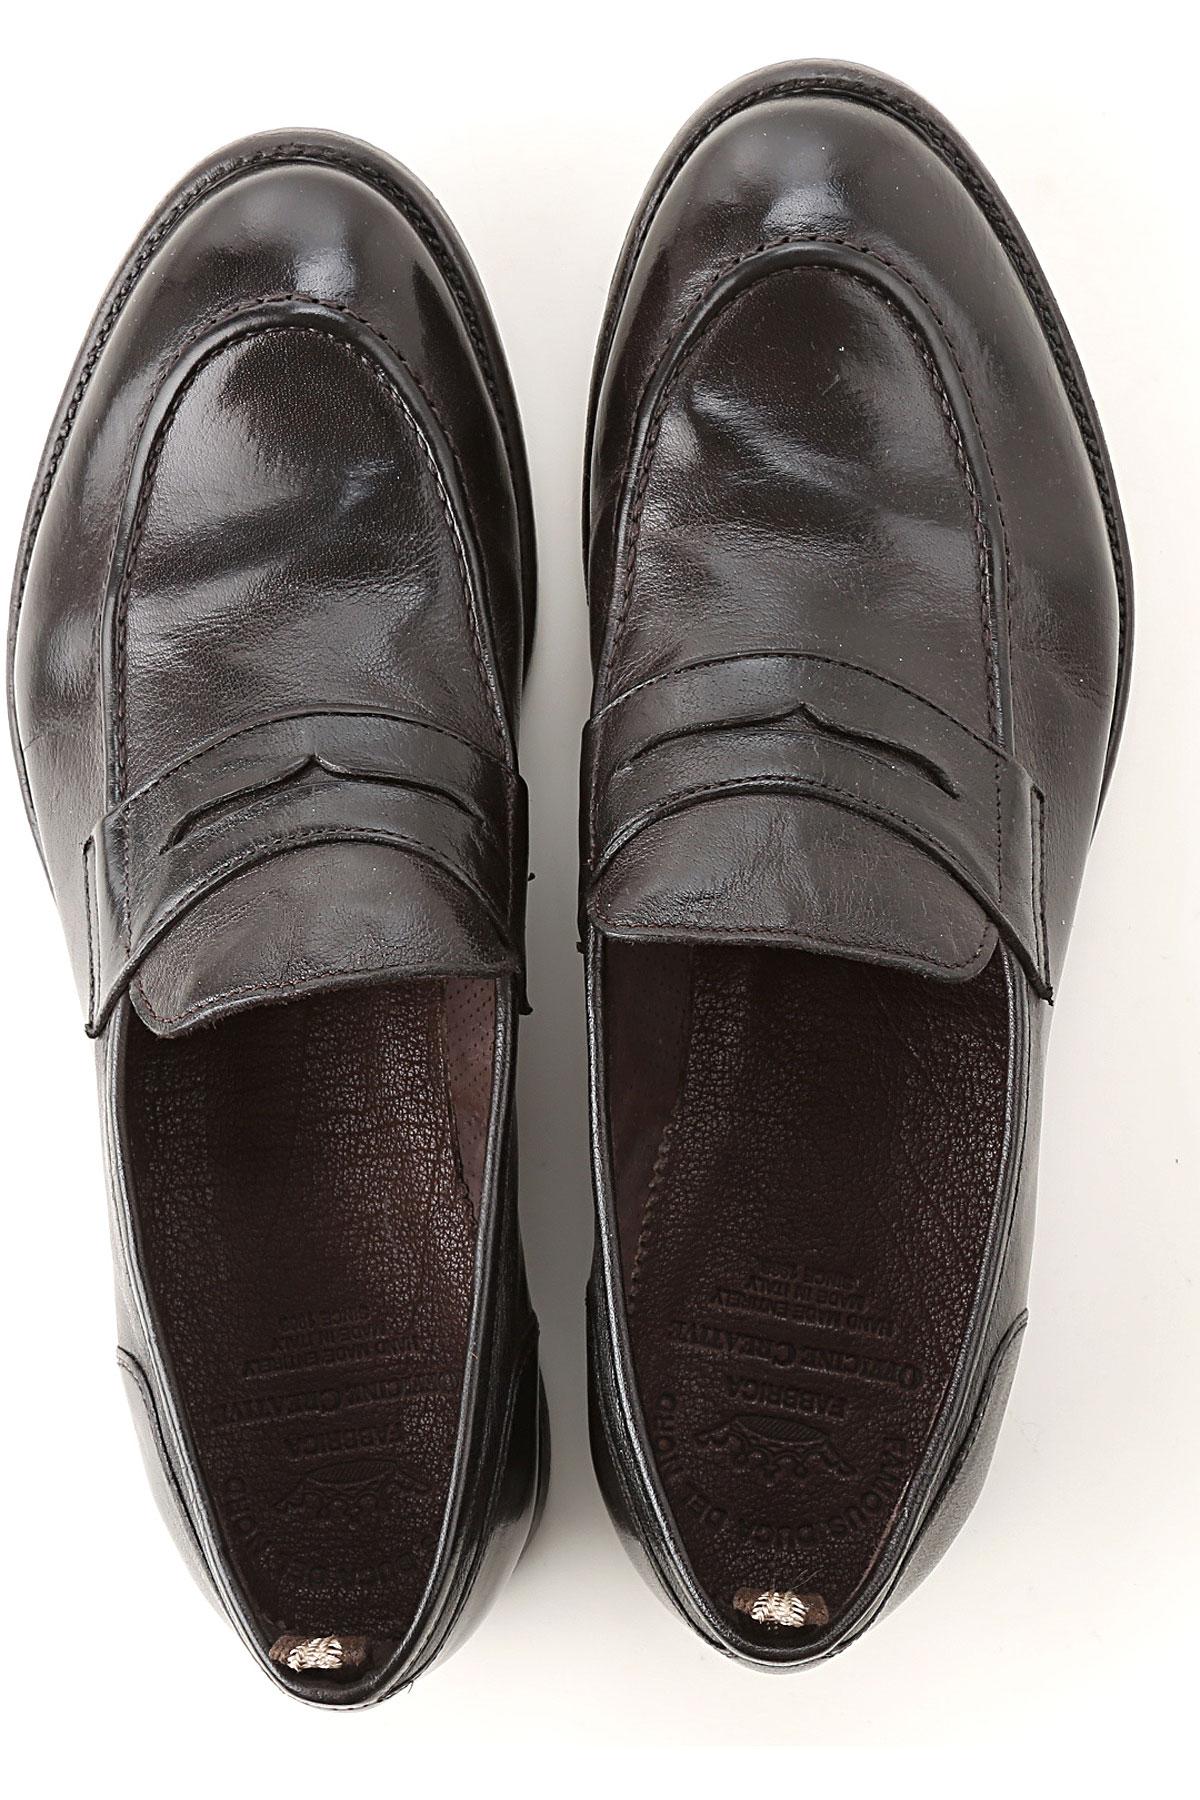 Creative Officine nbsp; Para Ebano Hombres verano 2019 Zapatos Primavera PPRqZdxwr8